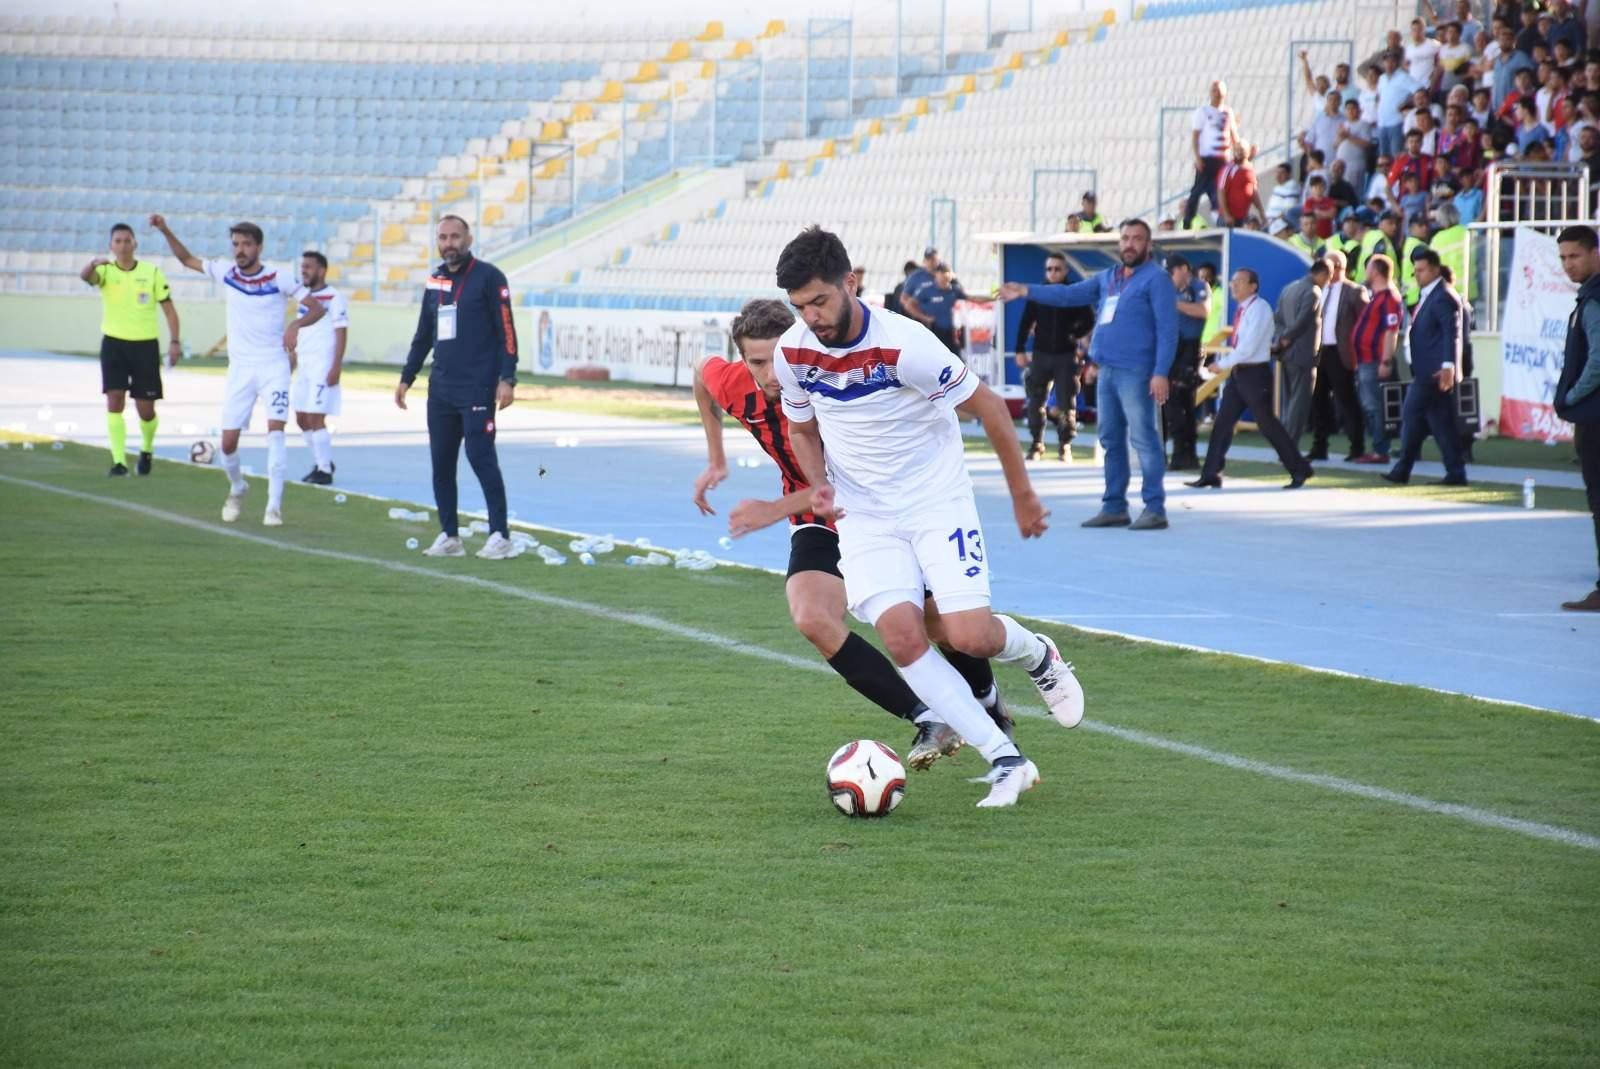 kırıkkalespor 2de 2 yaptı - Kırıkkalespor 2'de 2 yaptı